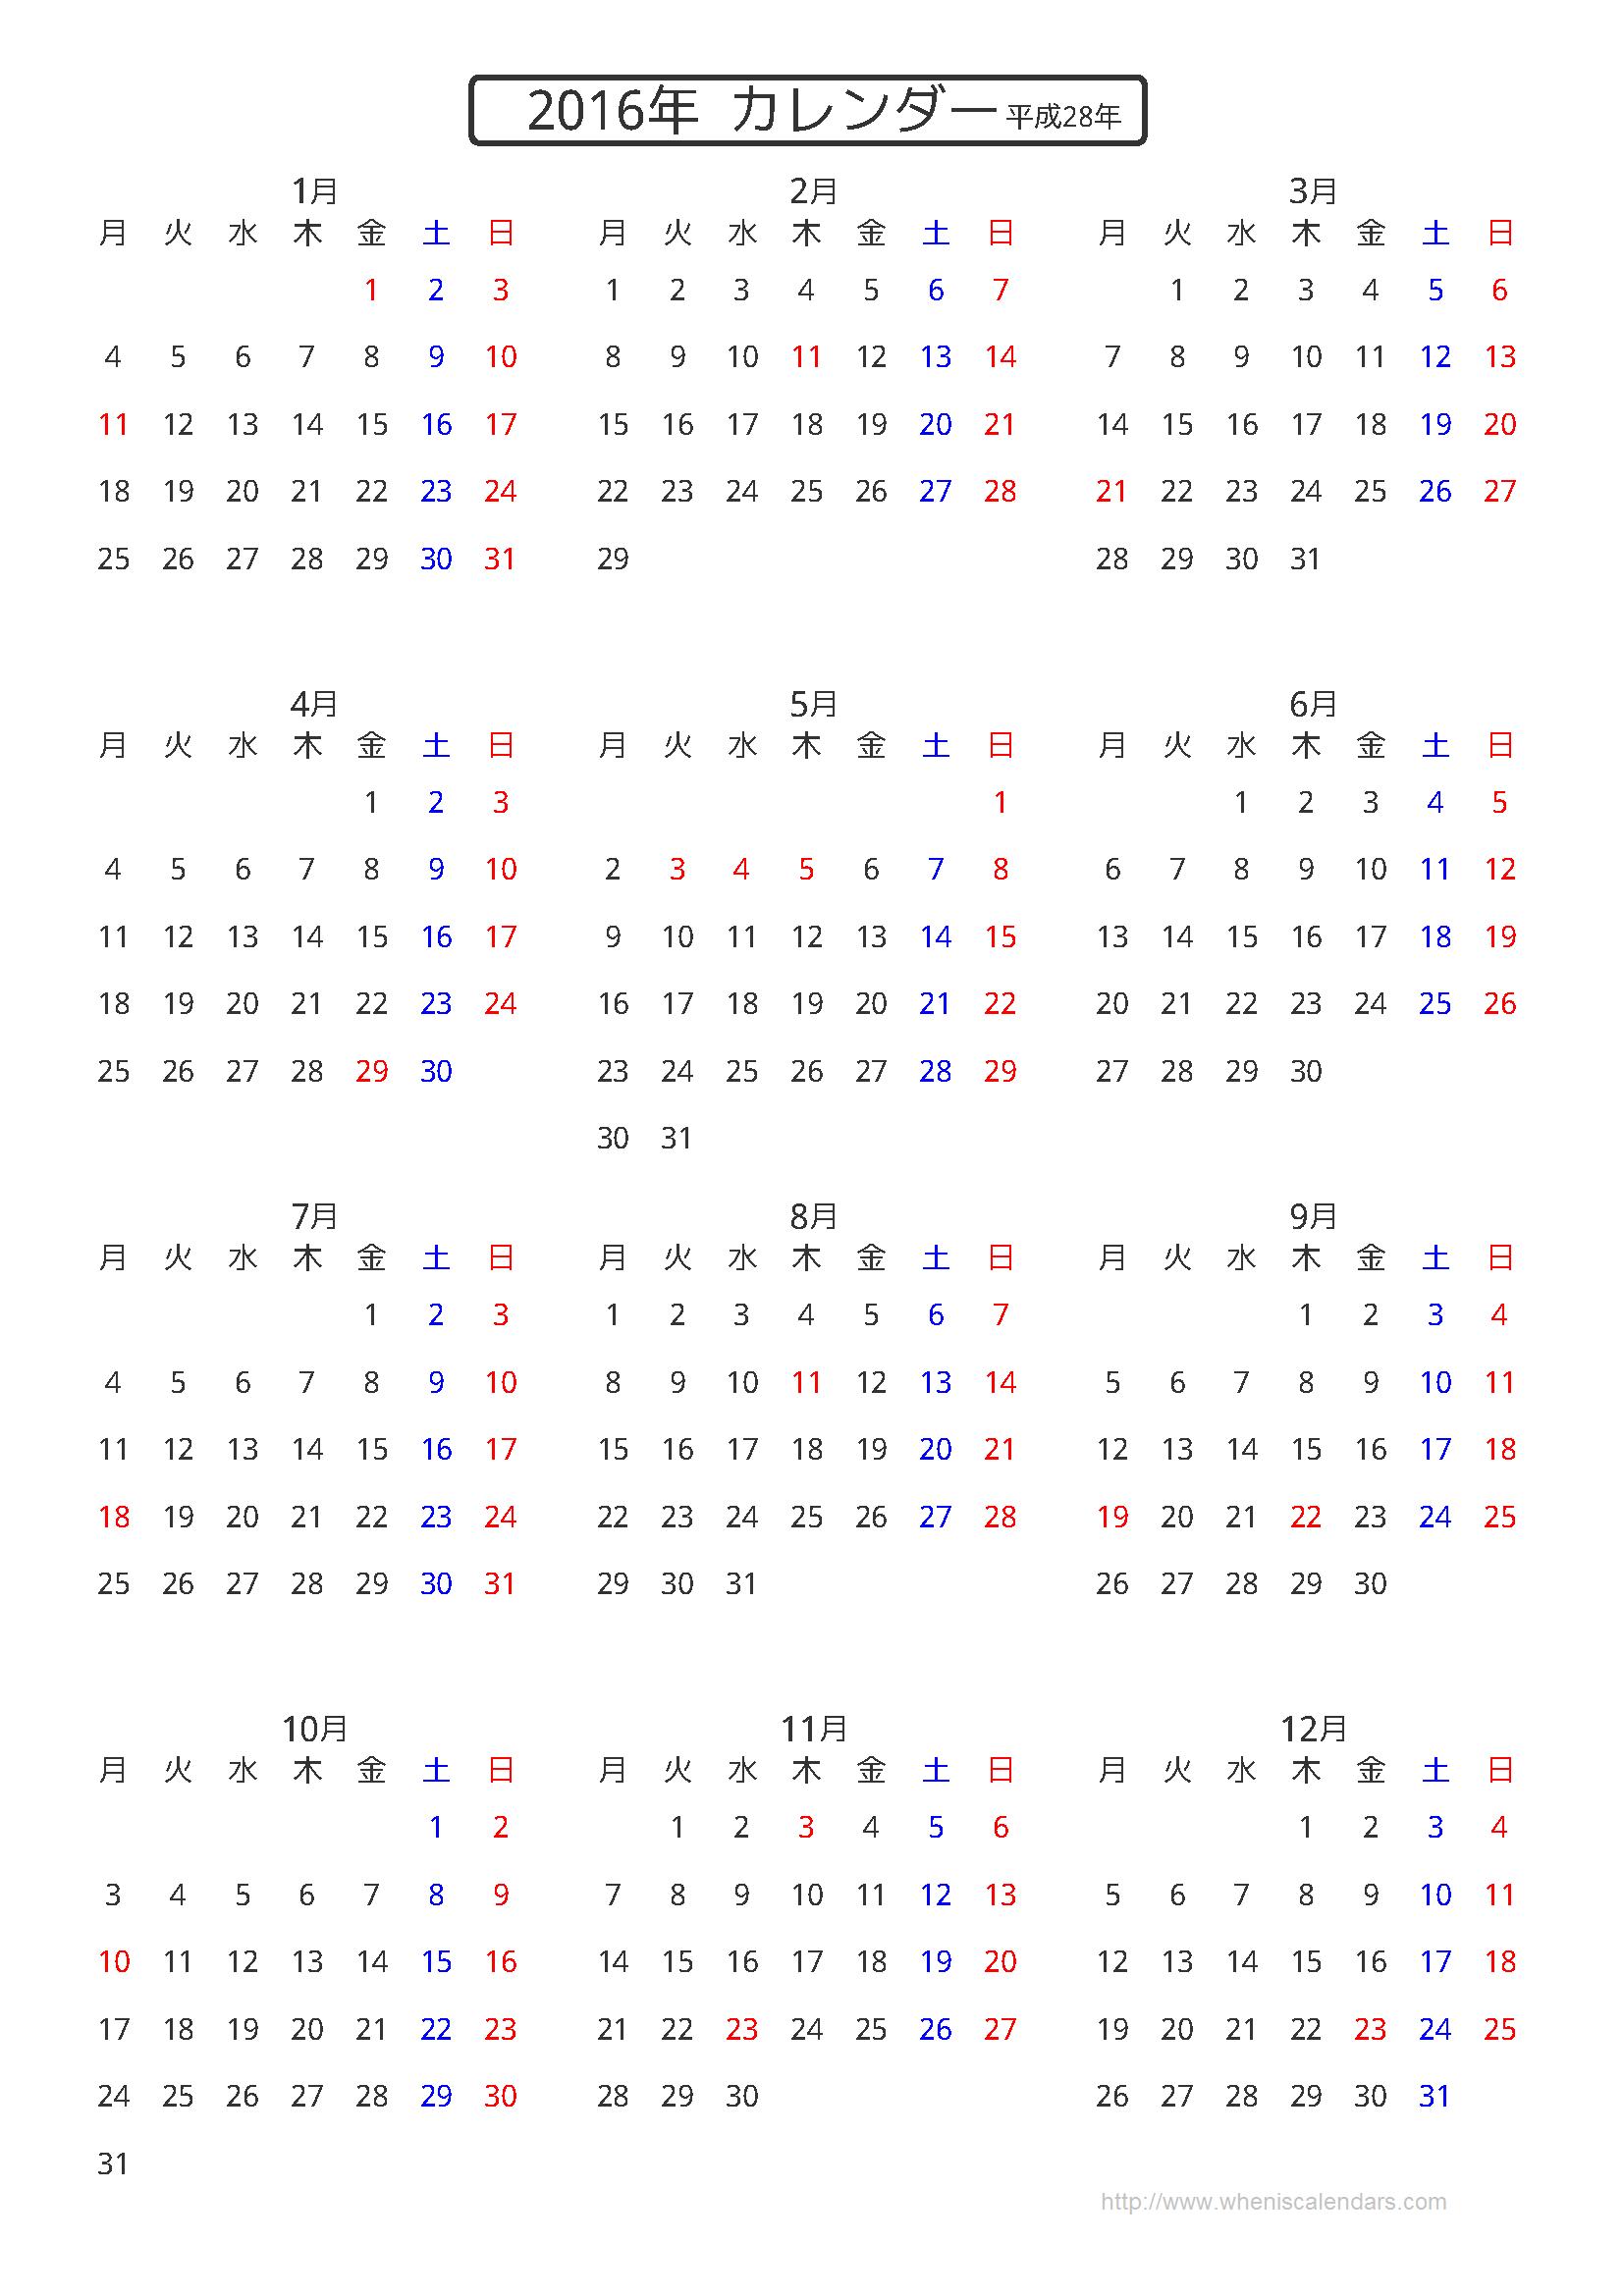 2018年カレンダー 月曜始まり 4 2019 カレンダー を無料で